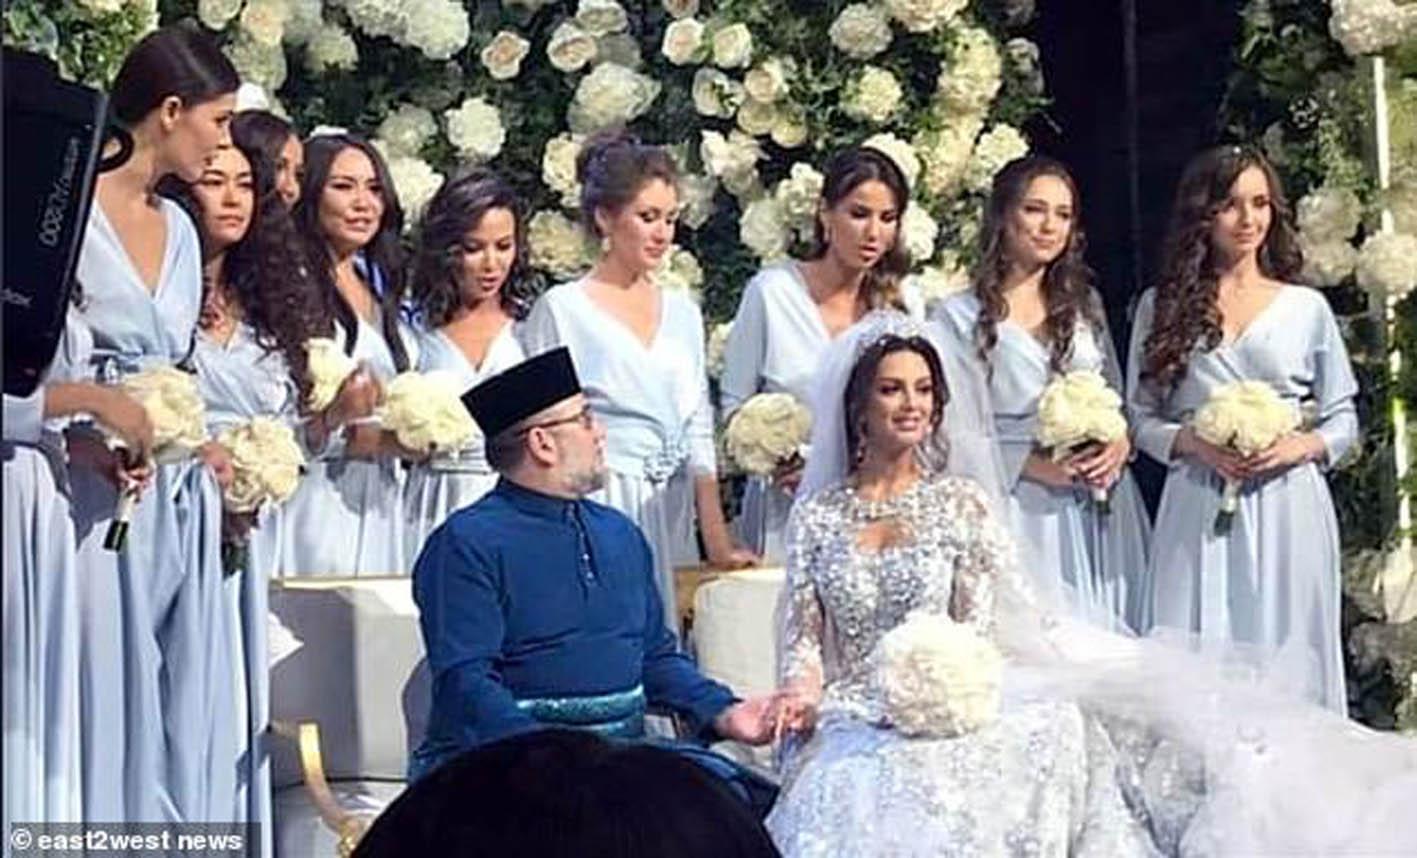 말레이시아의 술탄 무하마드 5세 국왕이 24살 연하의 2015년 미스 모스크바 출신의 모델 옥사나 보예보디나(25)와 결혼한 것으로 알려졌다. [사진 유튜브 캡쳐]